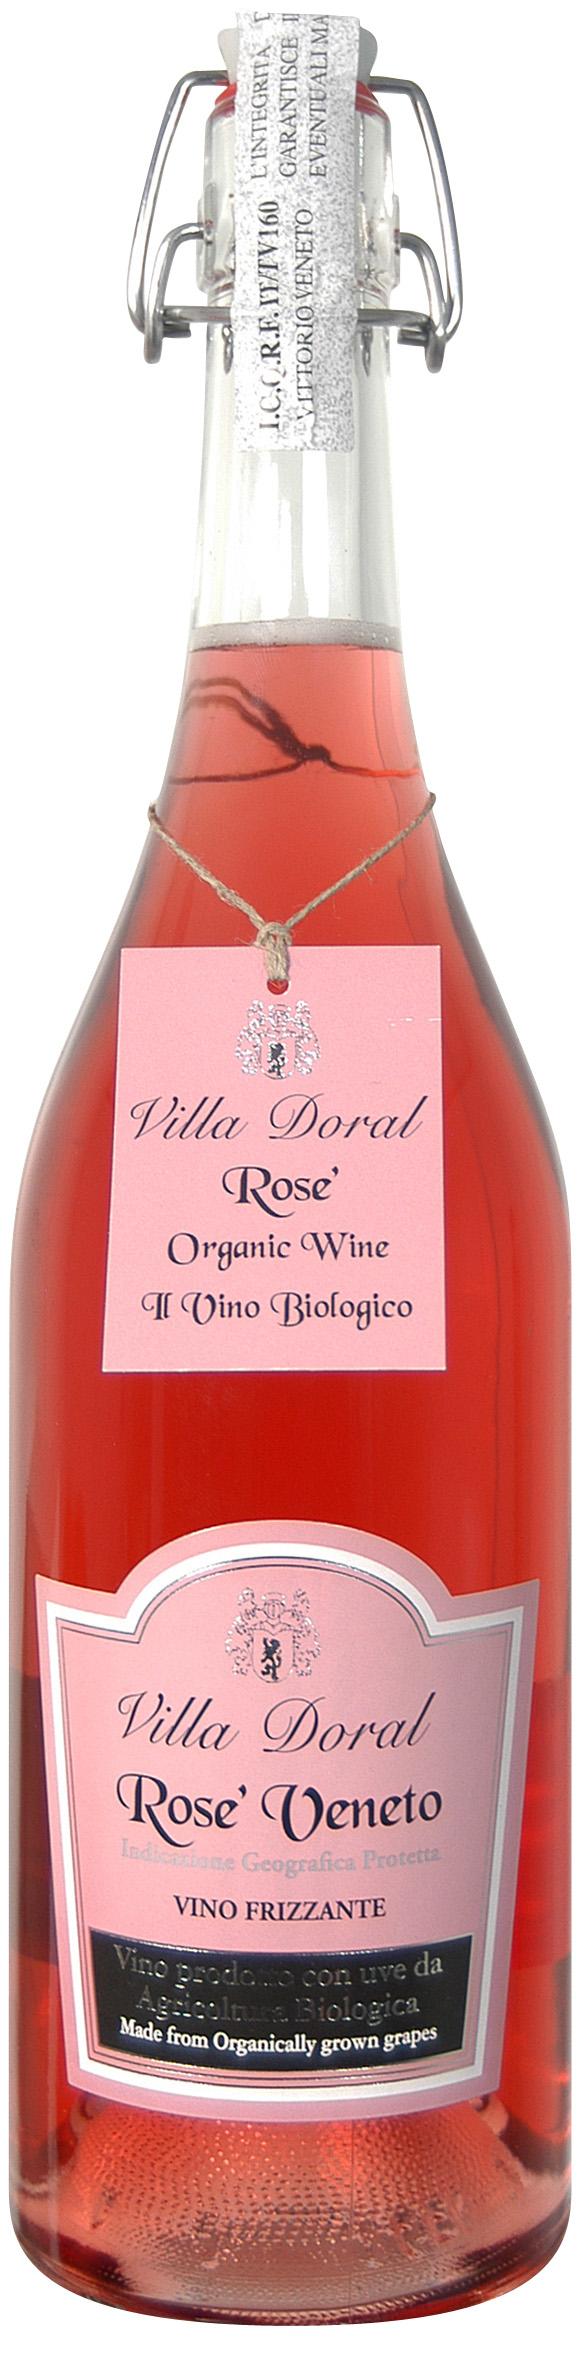 Villa Doral, Rosé Veneto, Vino Frizzante Organic